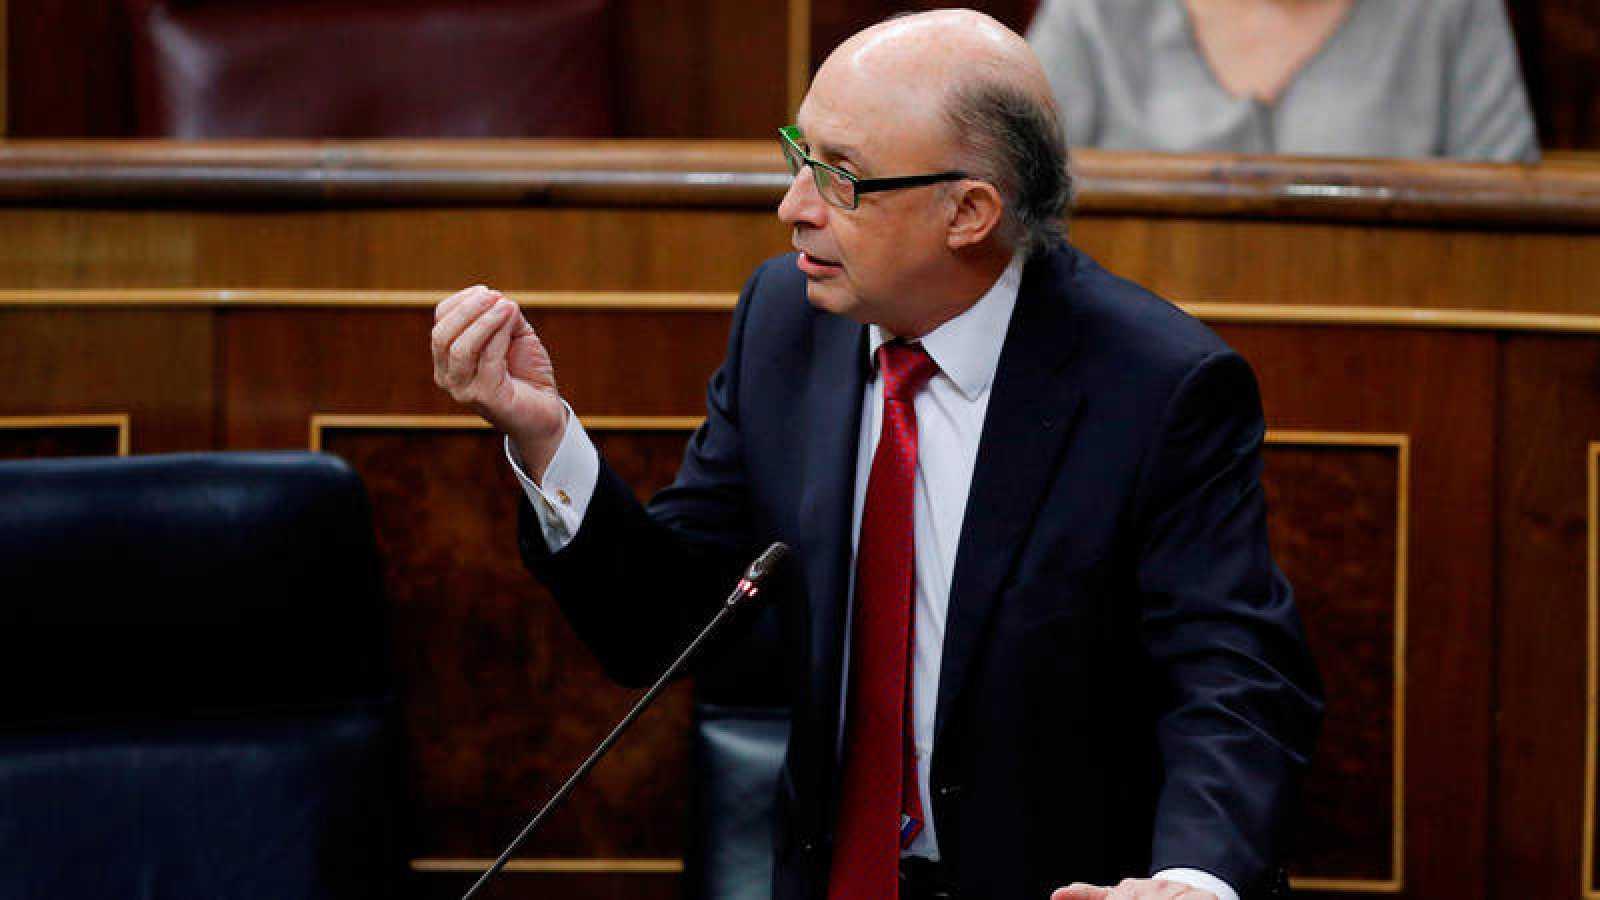 El ministro de Hacienda, Cristóbal Montoro, interviene en la sesión de control al Gobierno